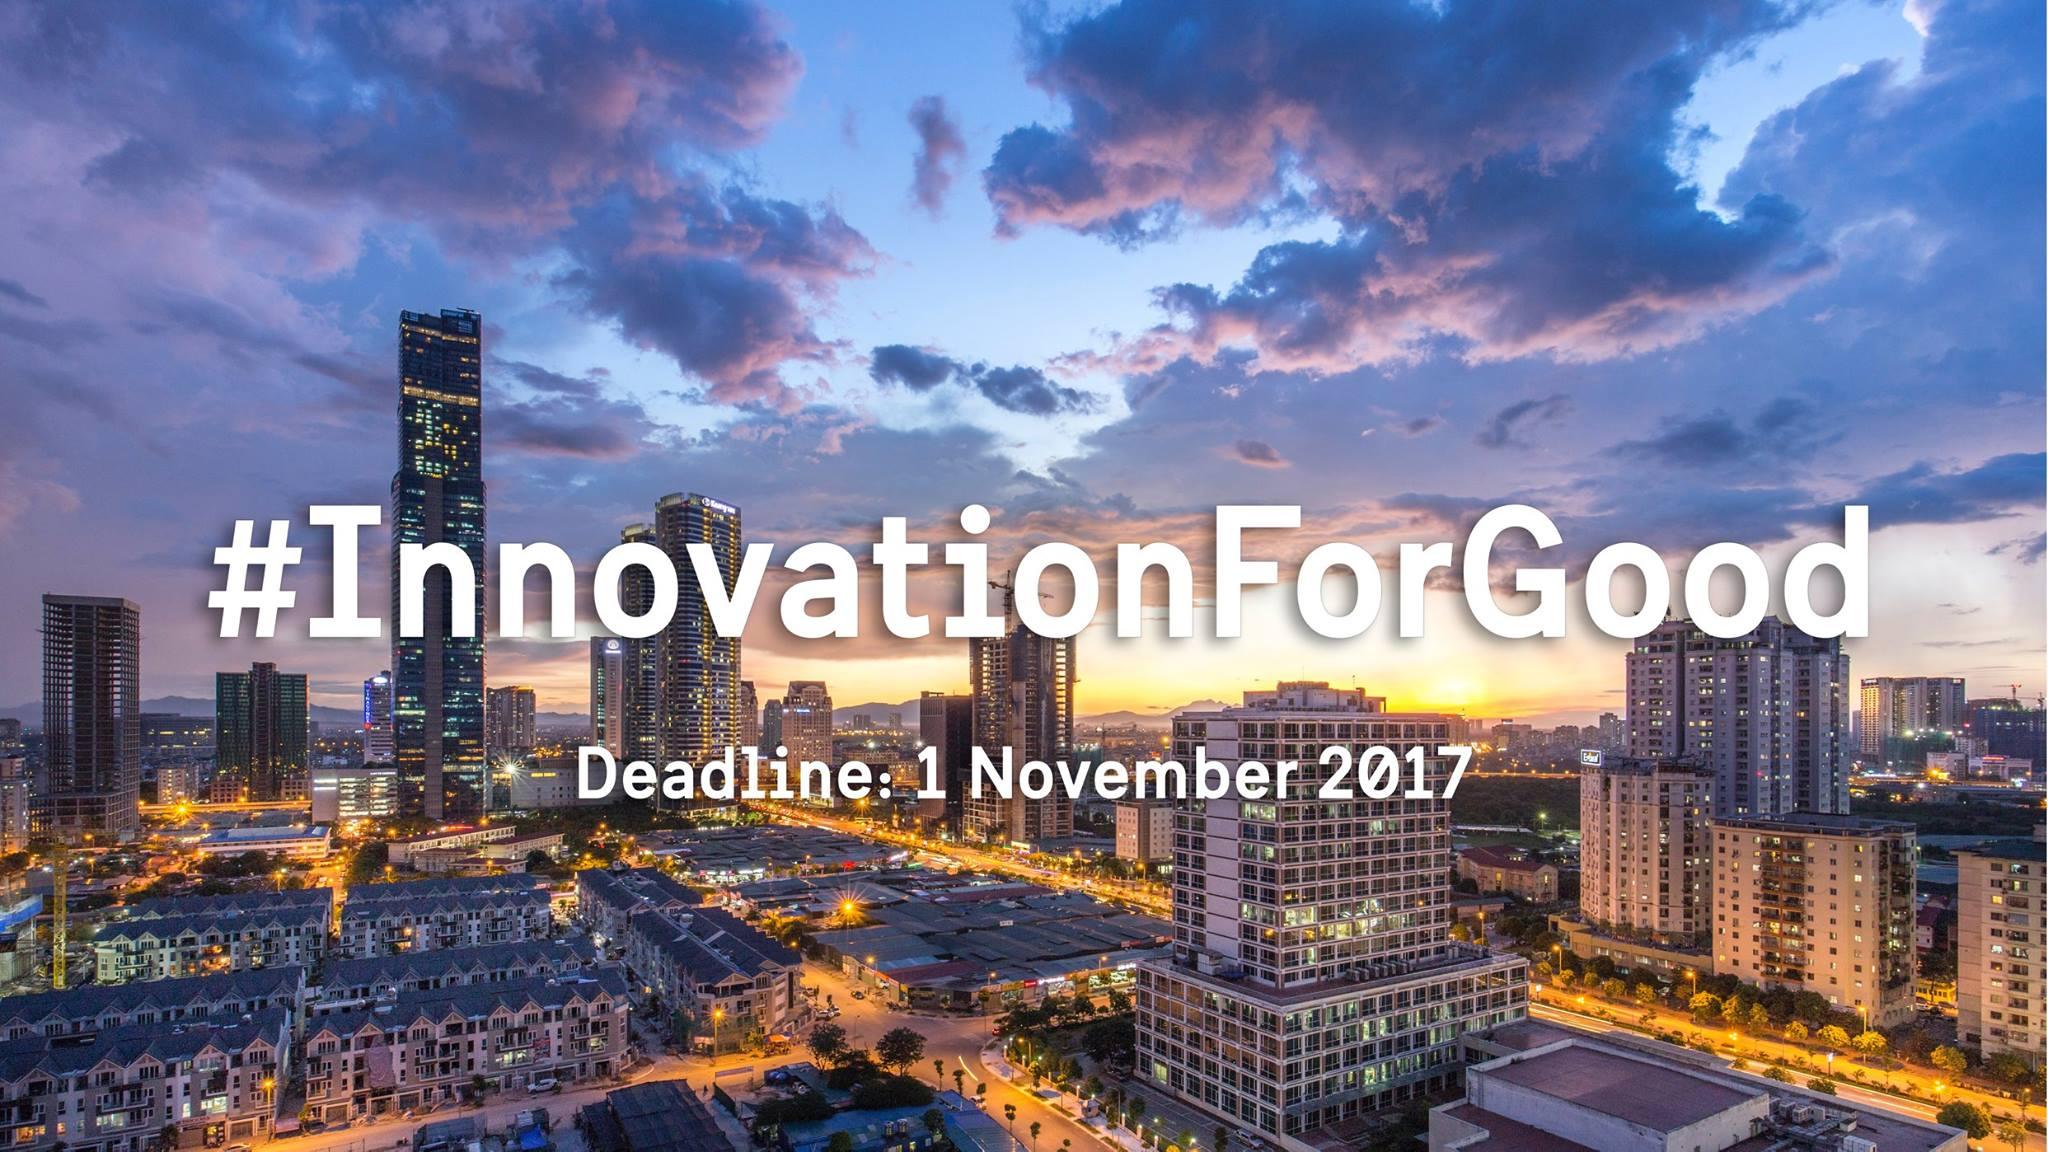 [Thụy Điển] Cơ Hội Dành Chuyến Đi Tới Thụy Điển Và 1000 USD Từ Cuộc Thi Internet Award#InnovationForGood 2017